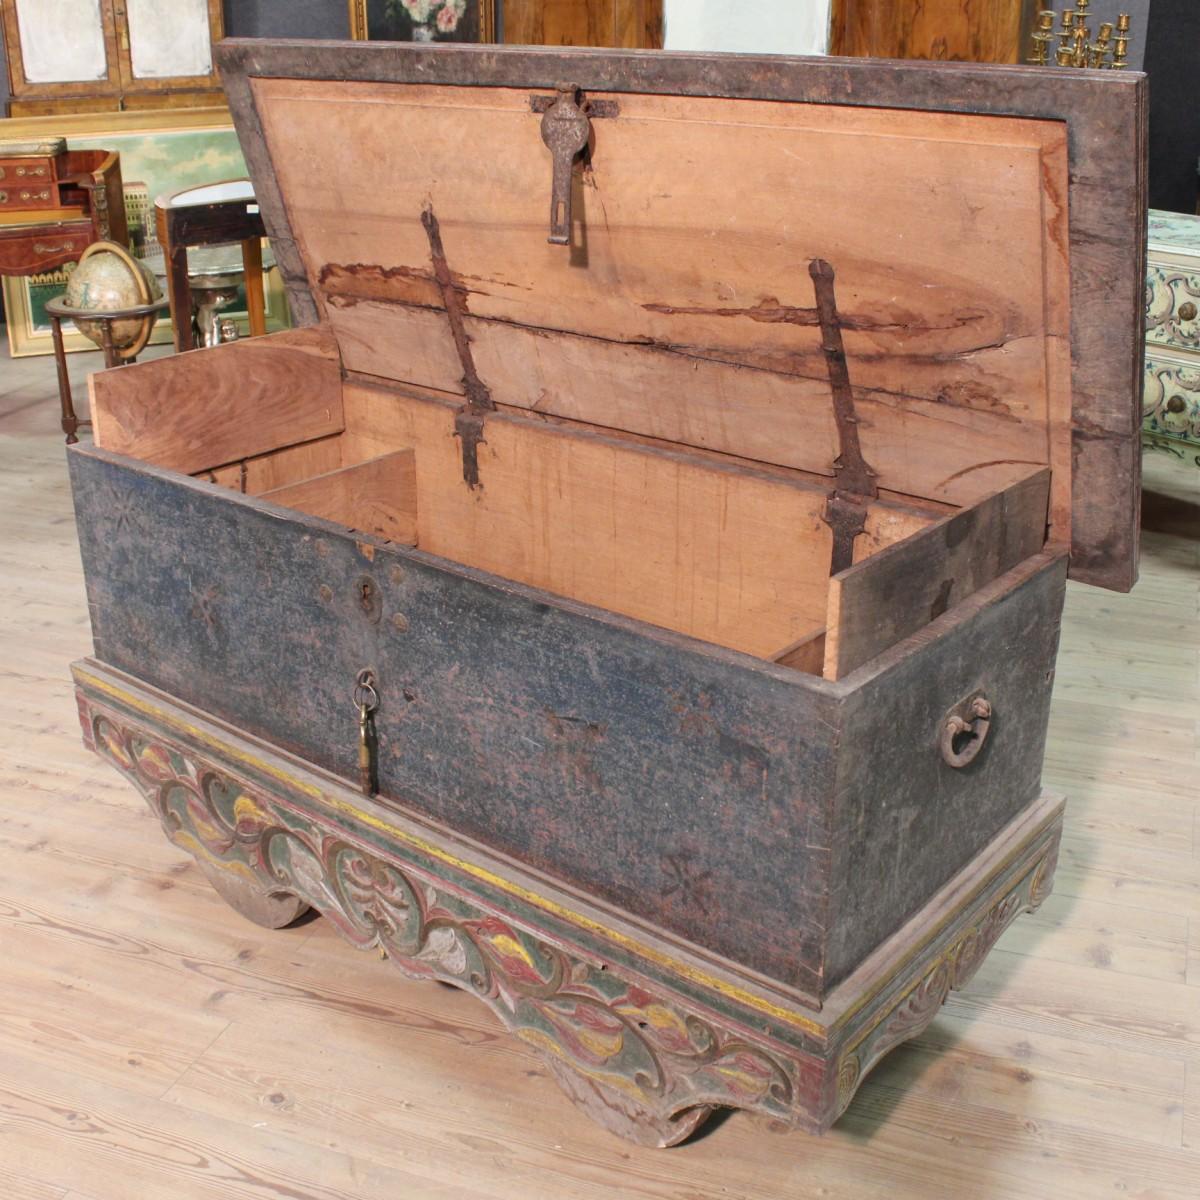 Malle Coffre En Bois Ancien details about baule malle indiana banc en bois sculpté peinture style  ancien 900 xx